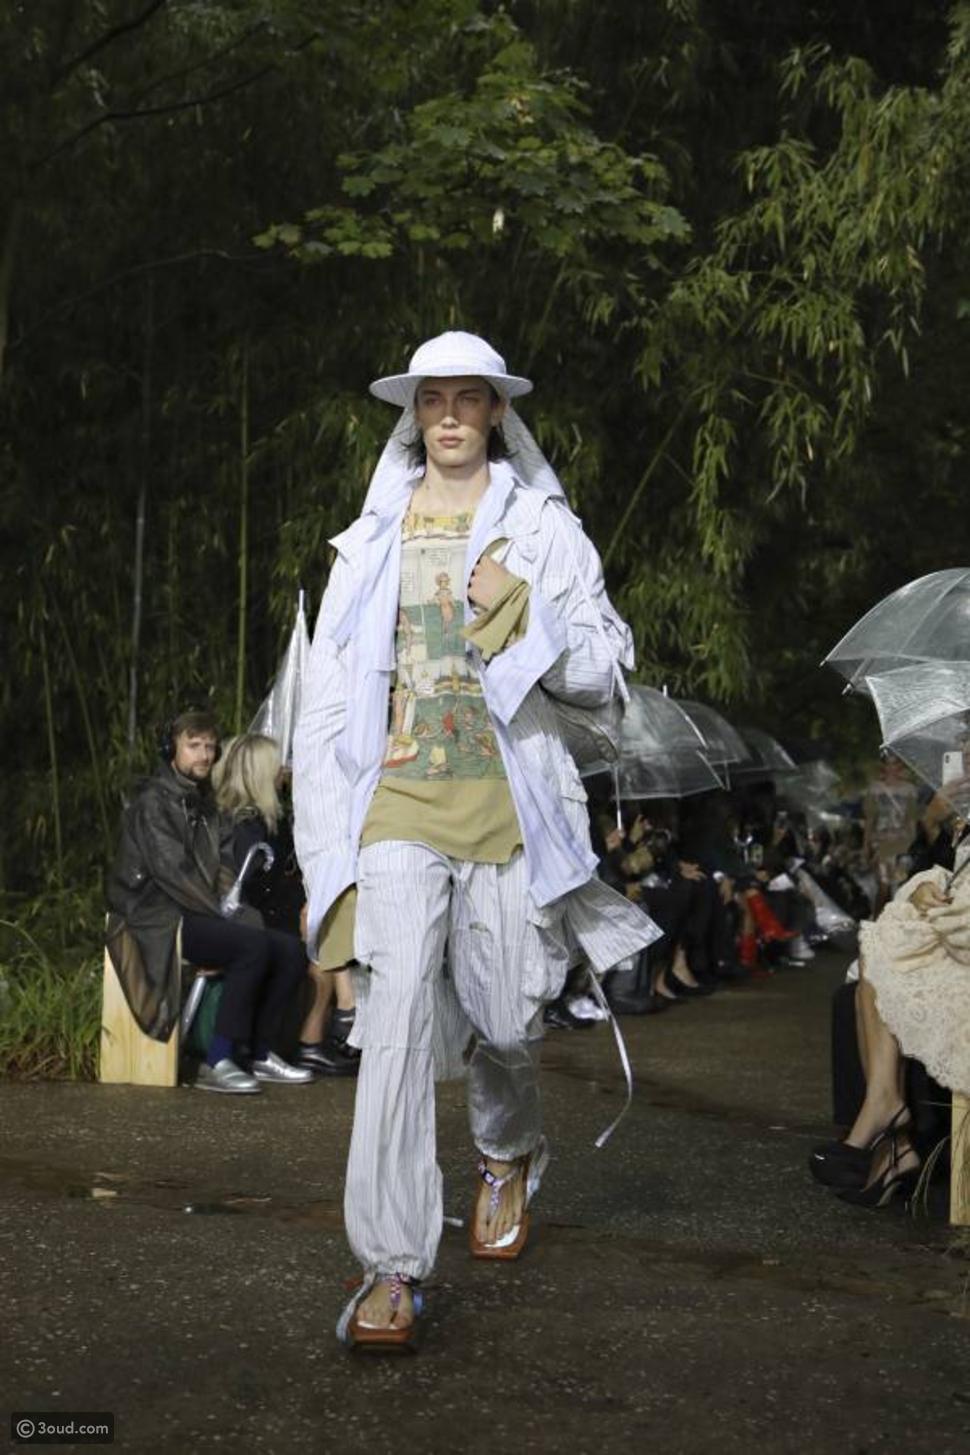 وأمطرت في عرض لانفان في أسبوع الموضة في باريس